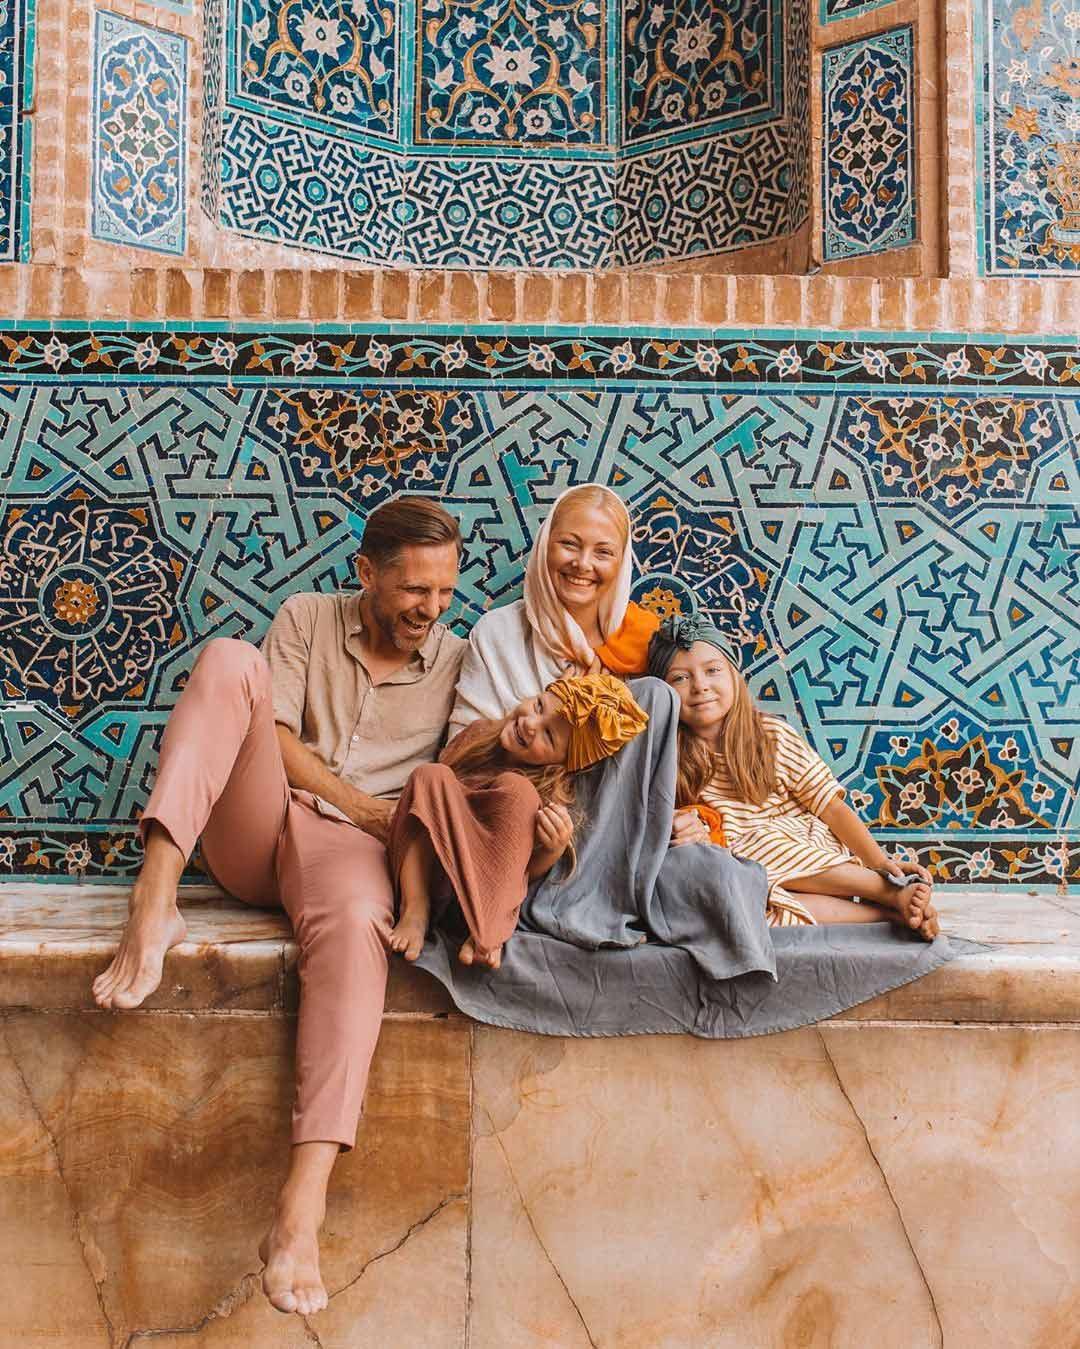 Iran Family Tour . Inbound Persia Tour and Travel Agency